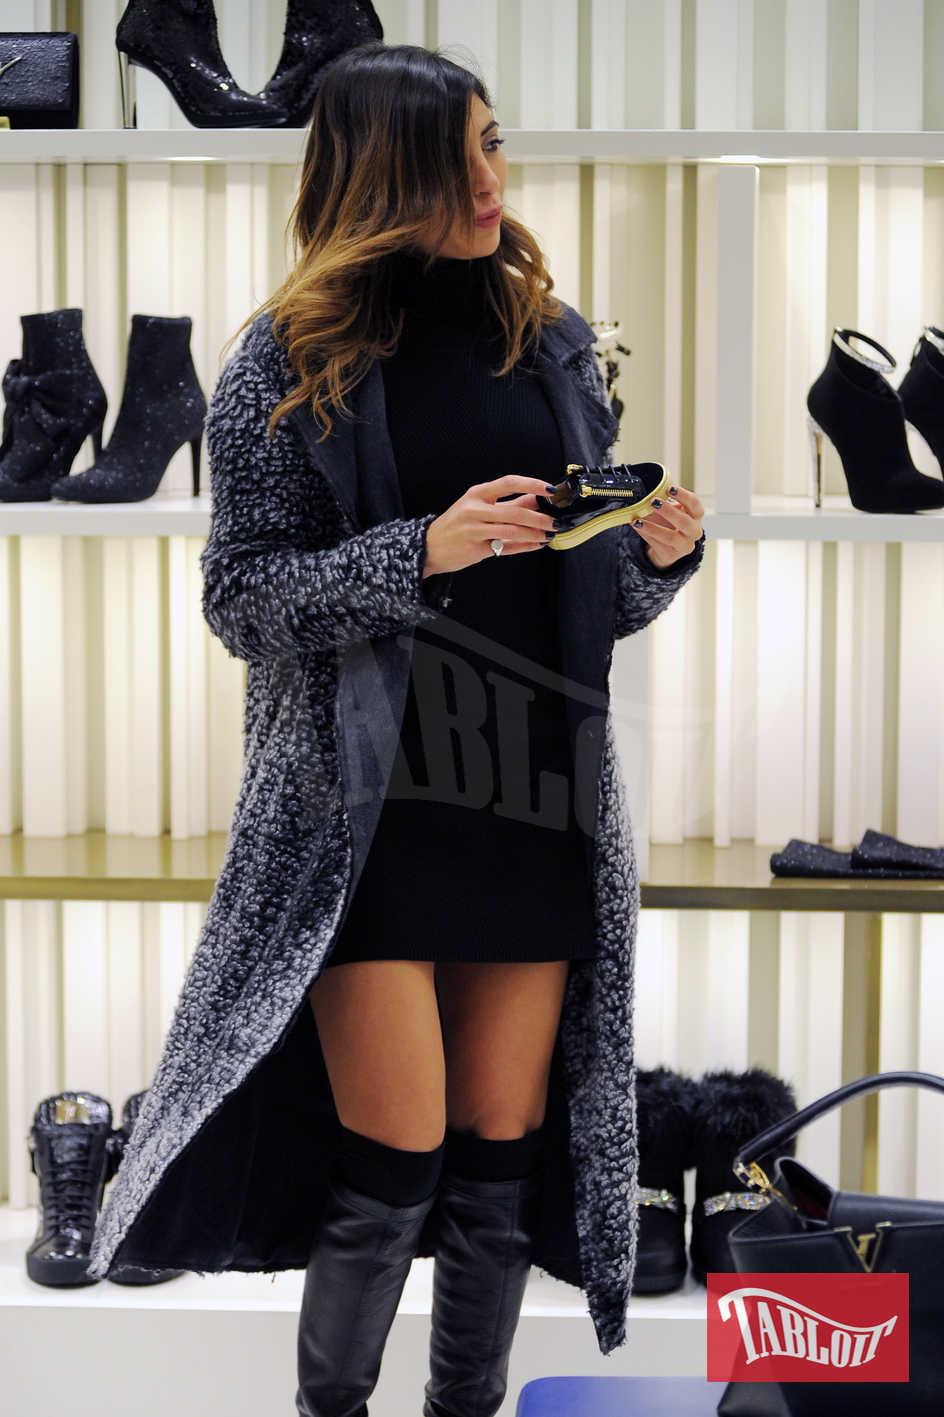 Alex Belli è stato sposato quattro anni con la modella Katarina Raniakova ma la coppia non ha mai avuto figli. Con Mila Suarez l'attore potrebbe essere pronto a fare sul serio...